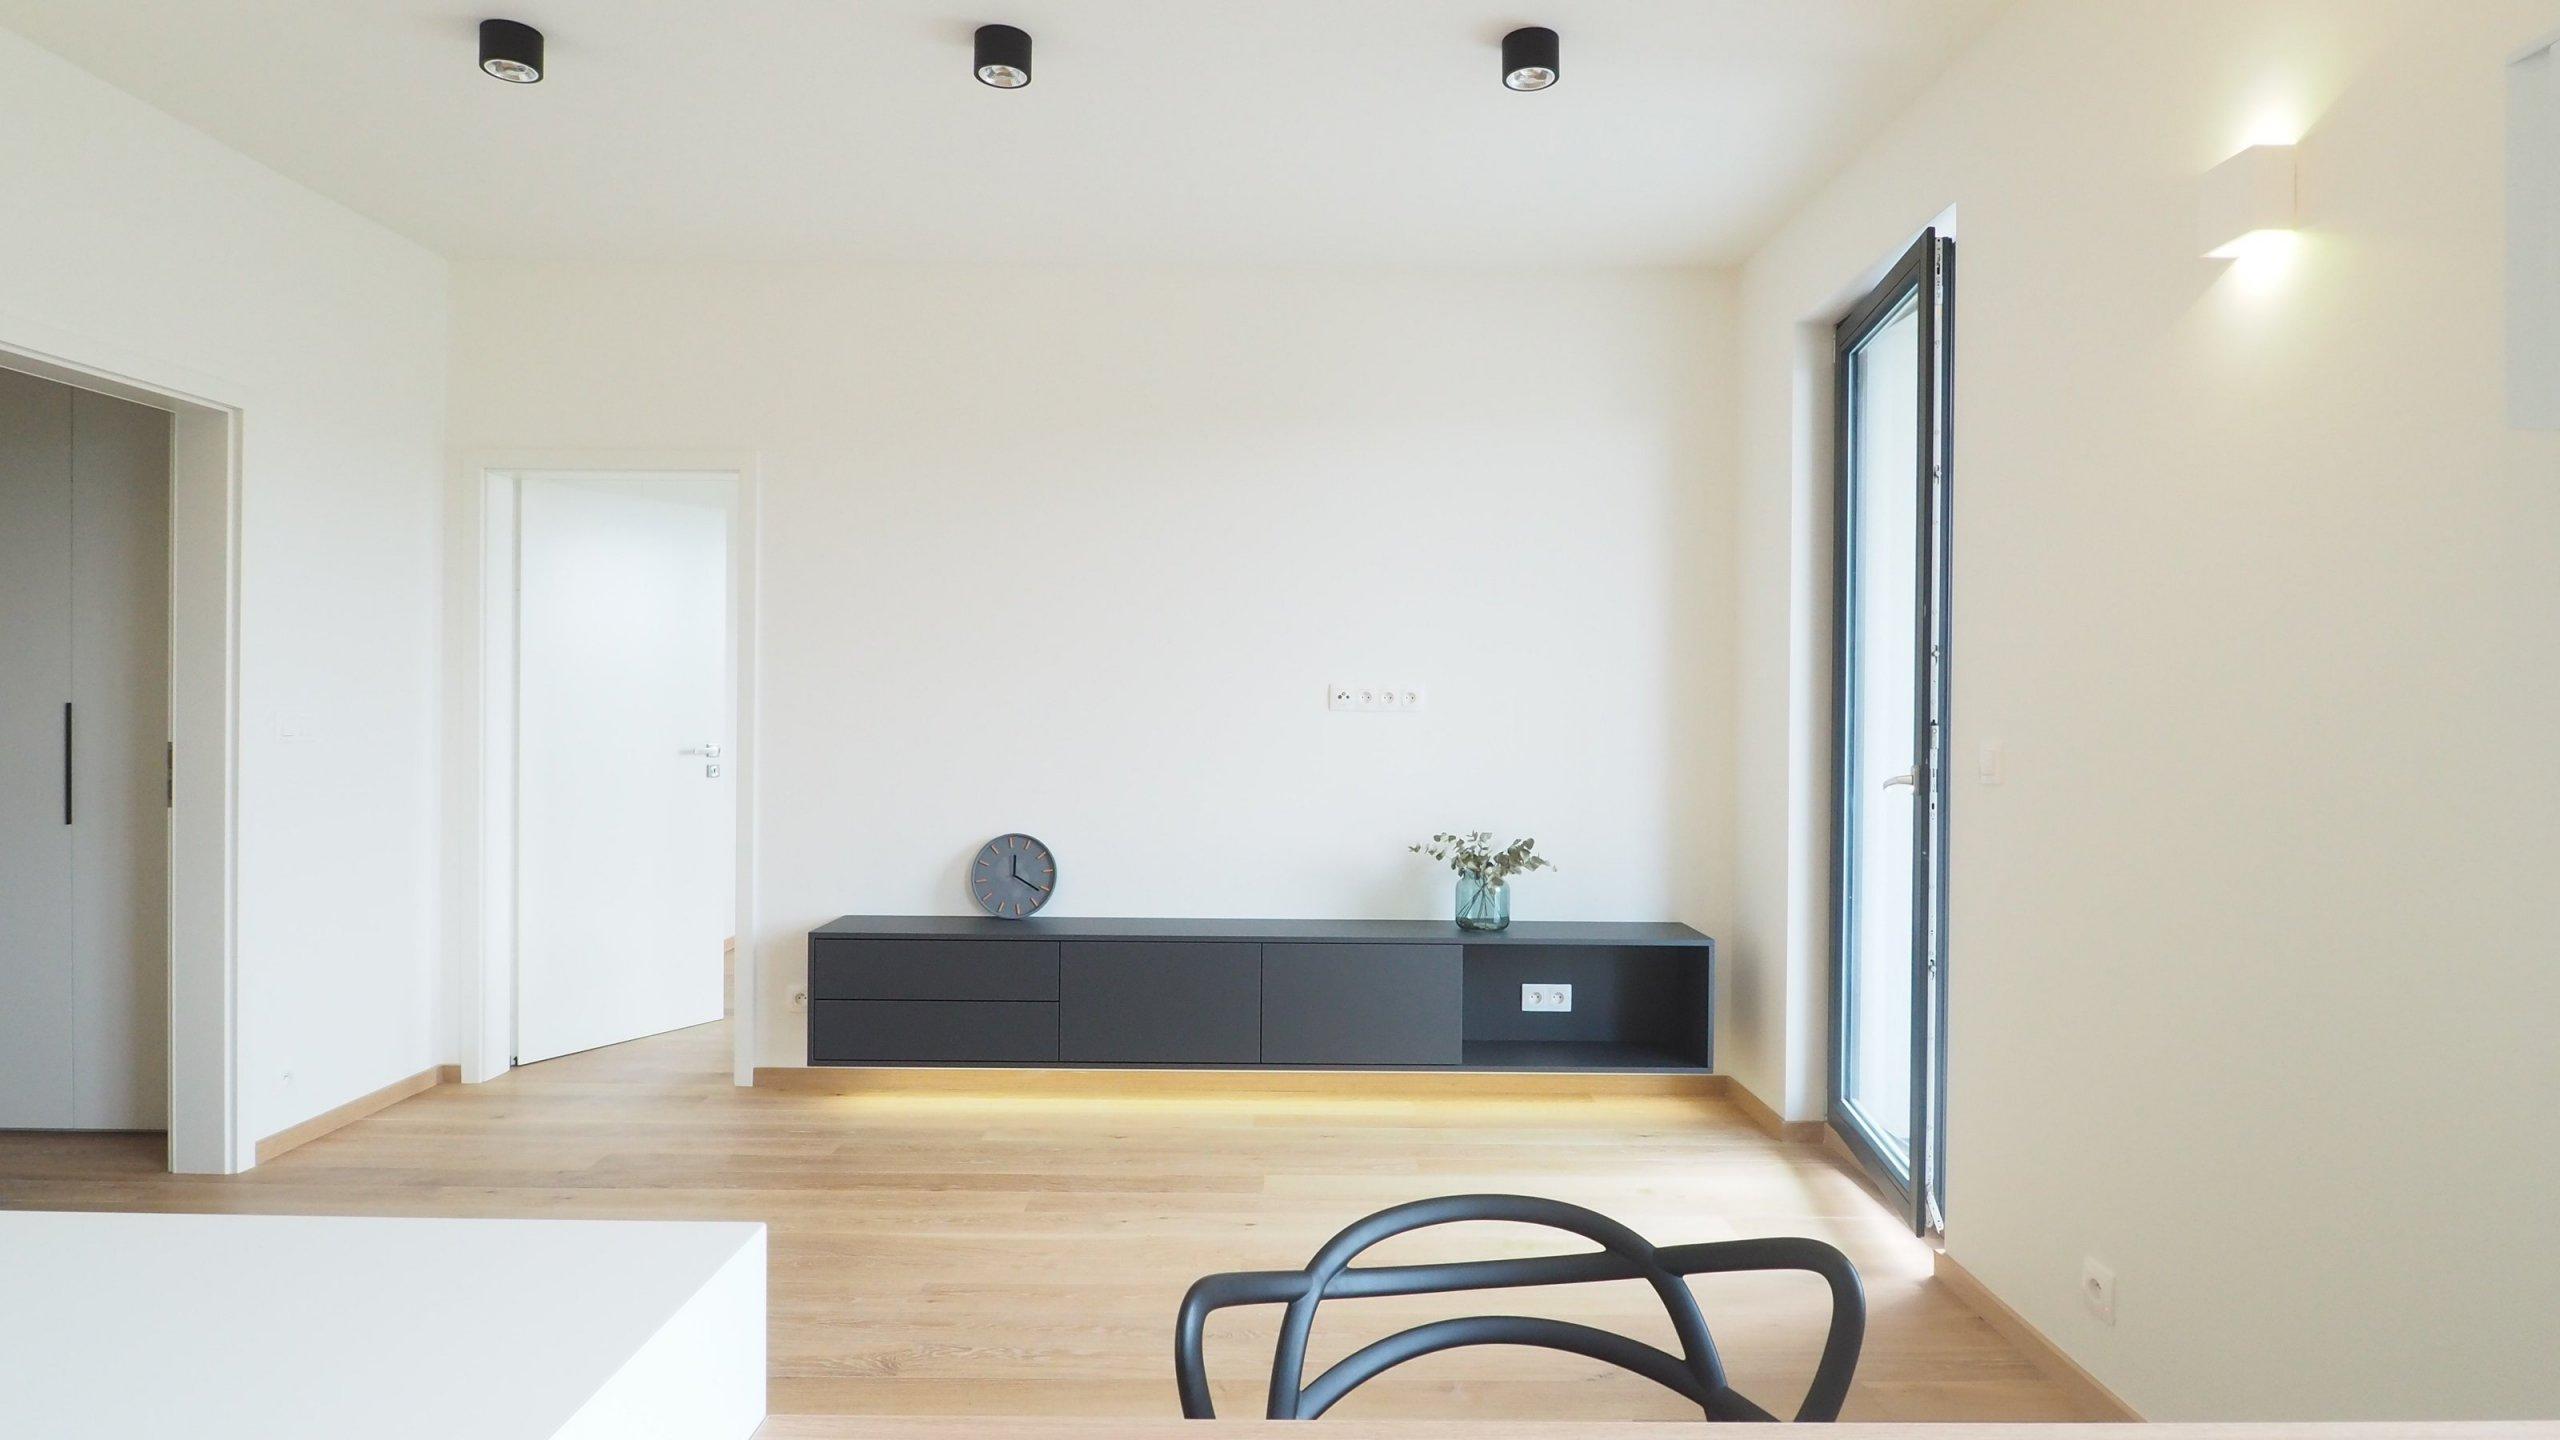 Vybavení bytu 2+kk v novévýškové budově v Modřanech. Byt je laděn do lehce industriální podoby s prvky minimalismu, a to díky použitým betonovým stěrkám…